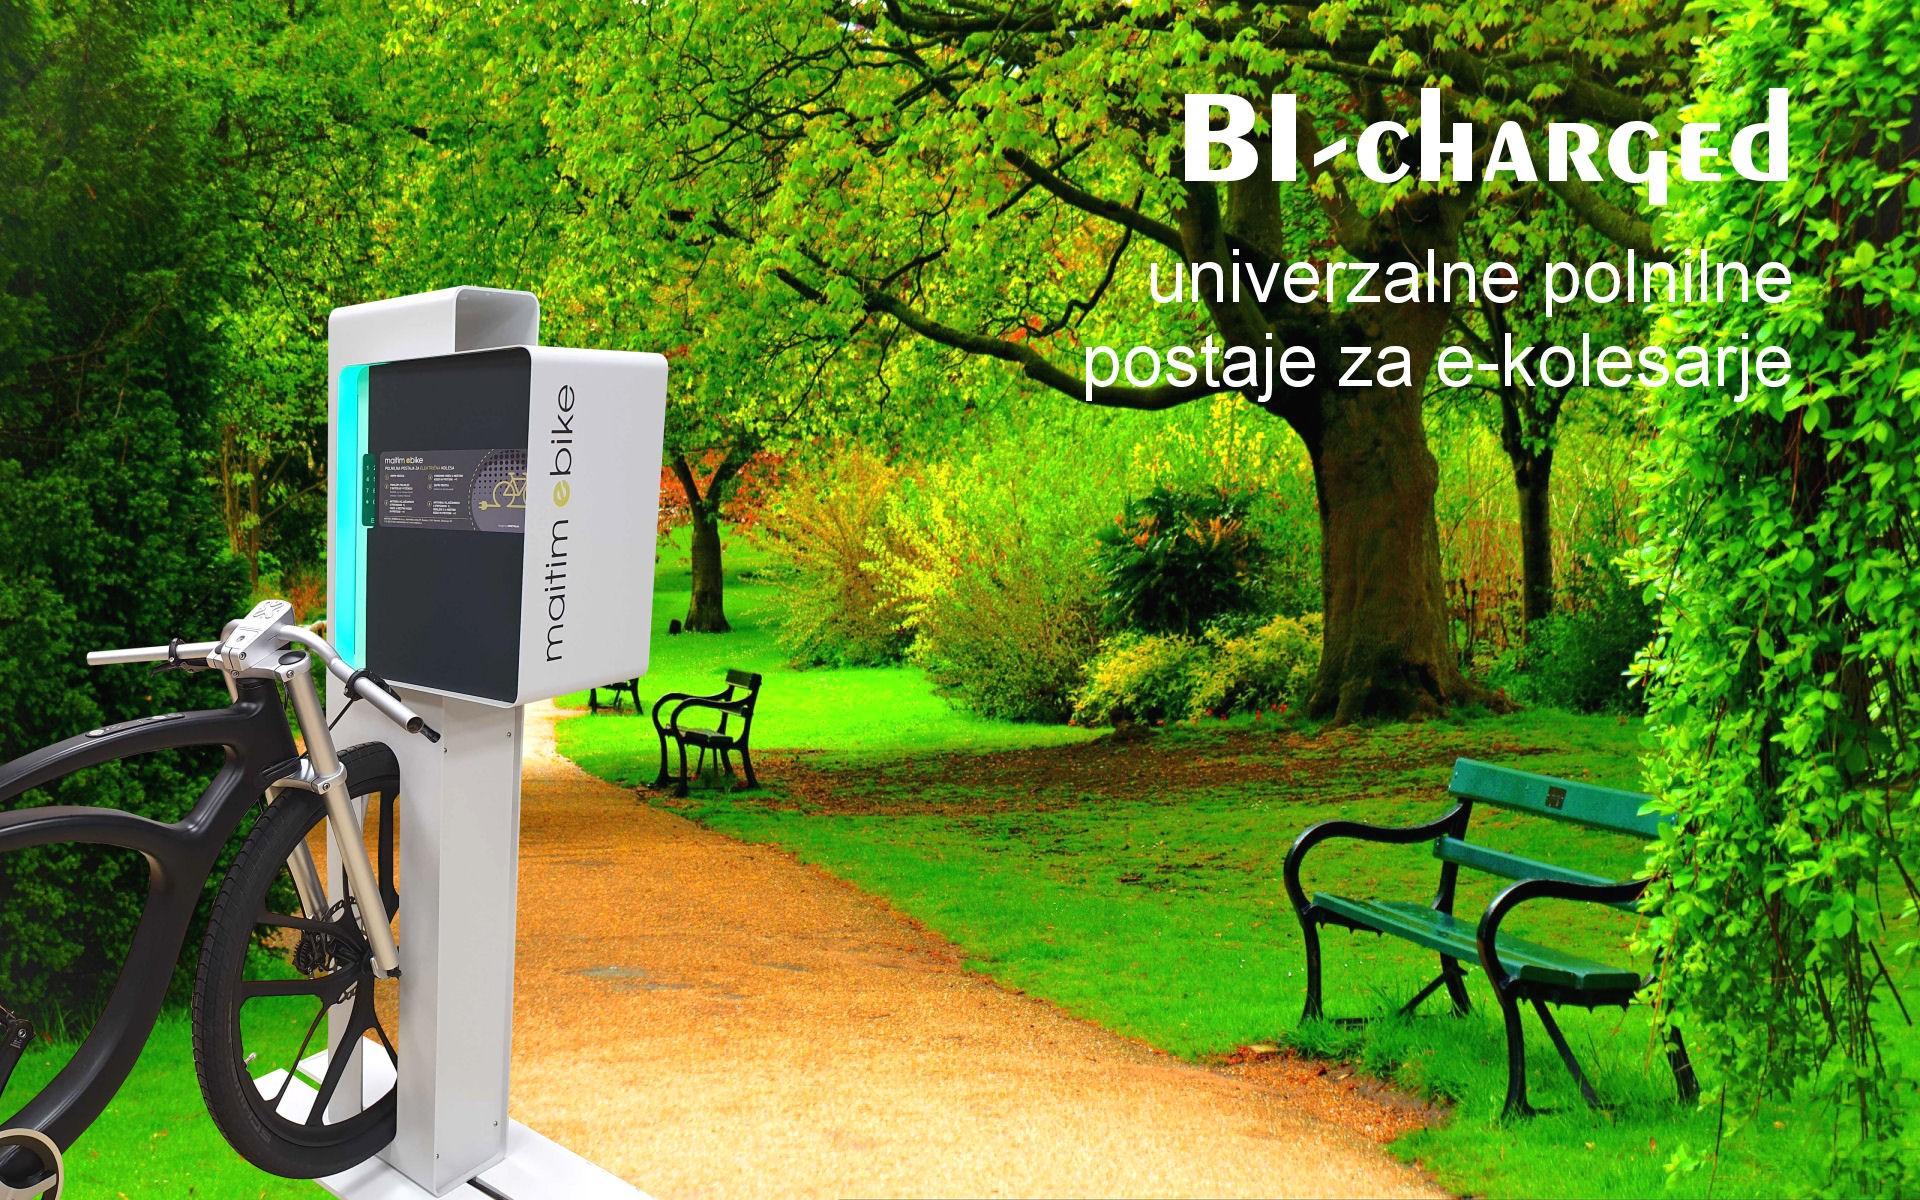 Polnilne postaje za e-kolesa